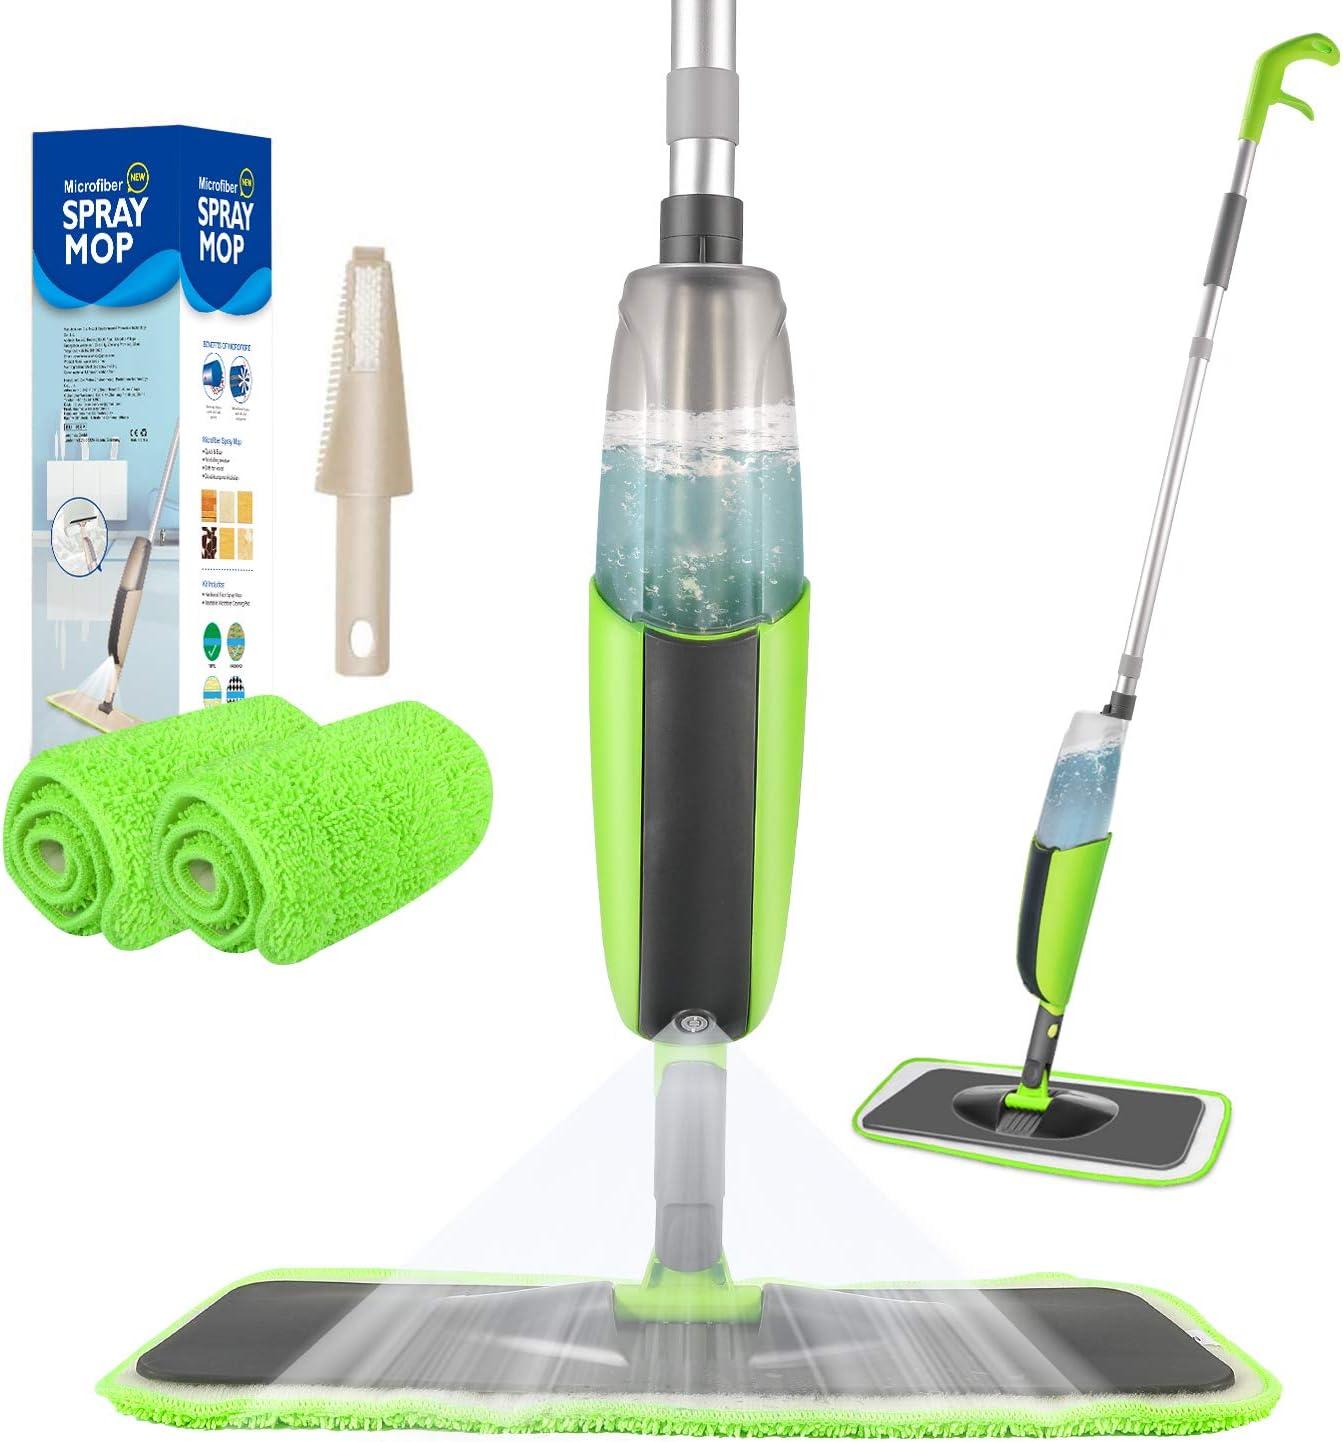 Tencoz Spray Mop, Mopa con Pulverizador, Fregona con Vaporizador, Mopa Spray Rotación de 360°, Capacidad de 300 ML con 4 Trapeadores y Raspador de Ventana para Ventanas, Pisos, Azulejos